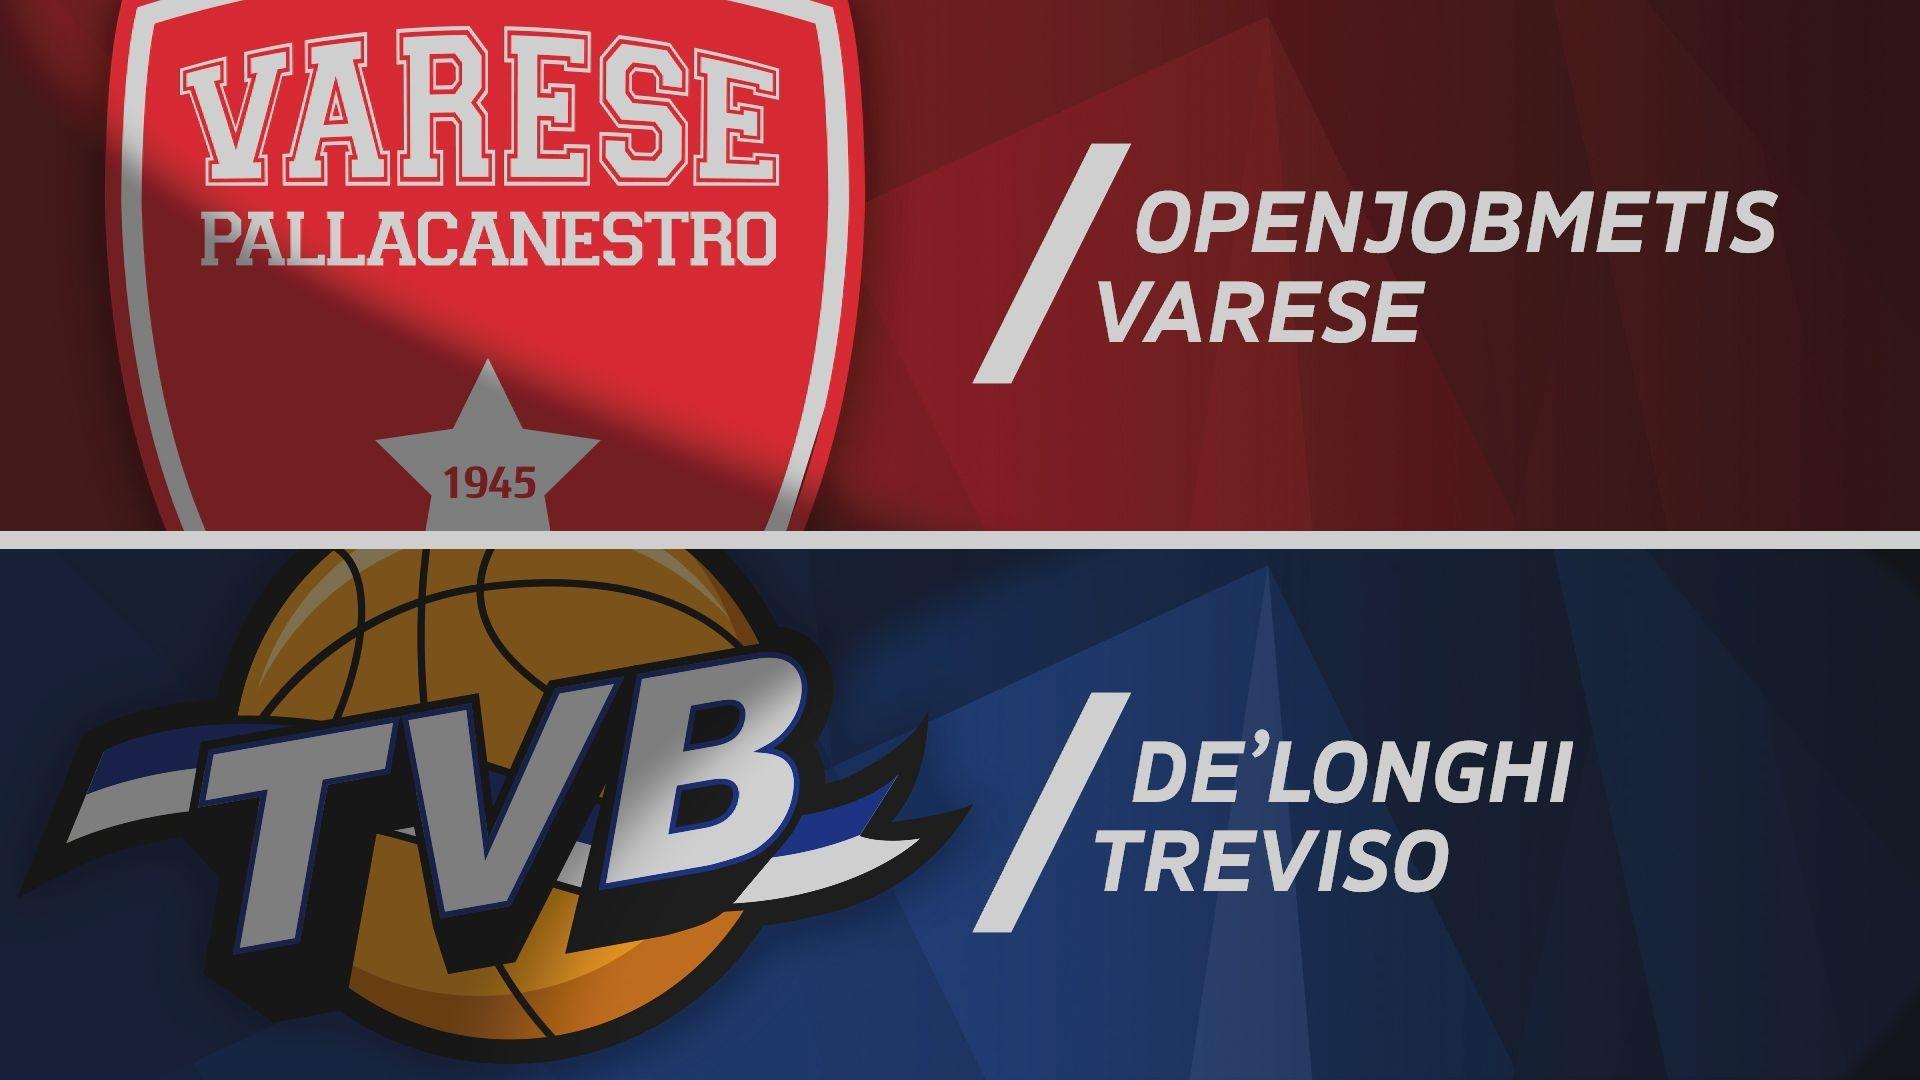 Openjobmetis Varese - De' Longhi Treviso Basket 79-80